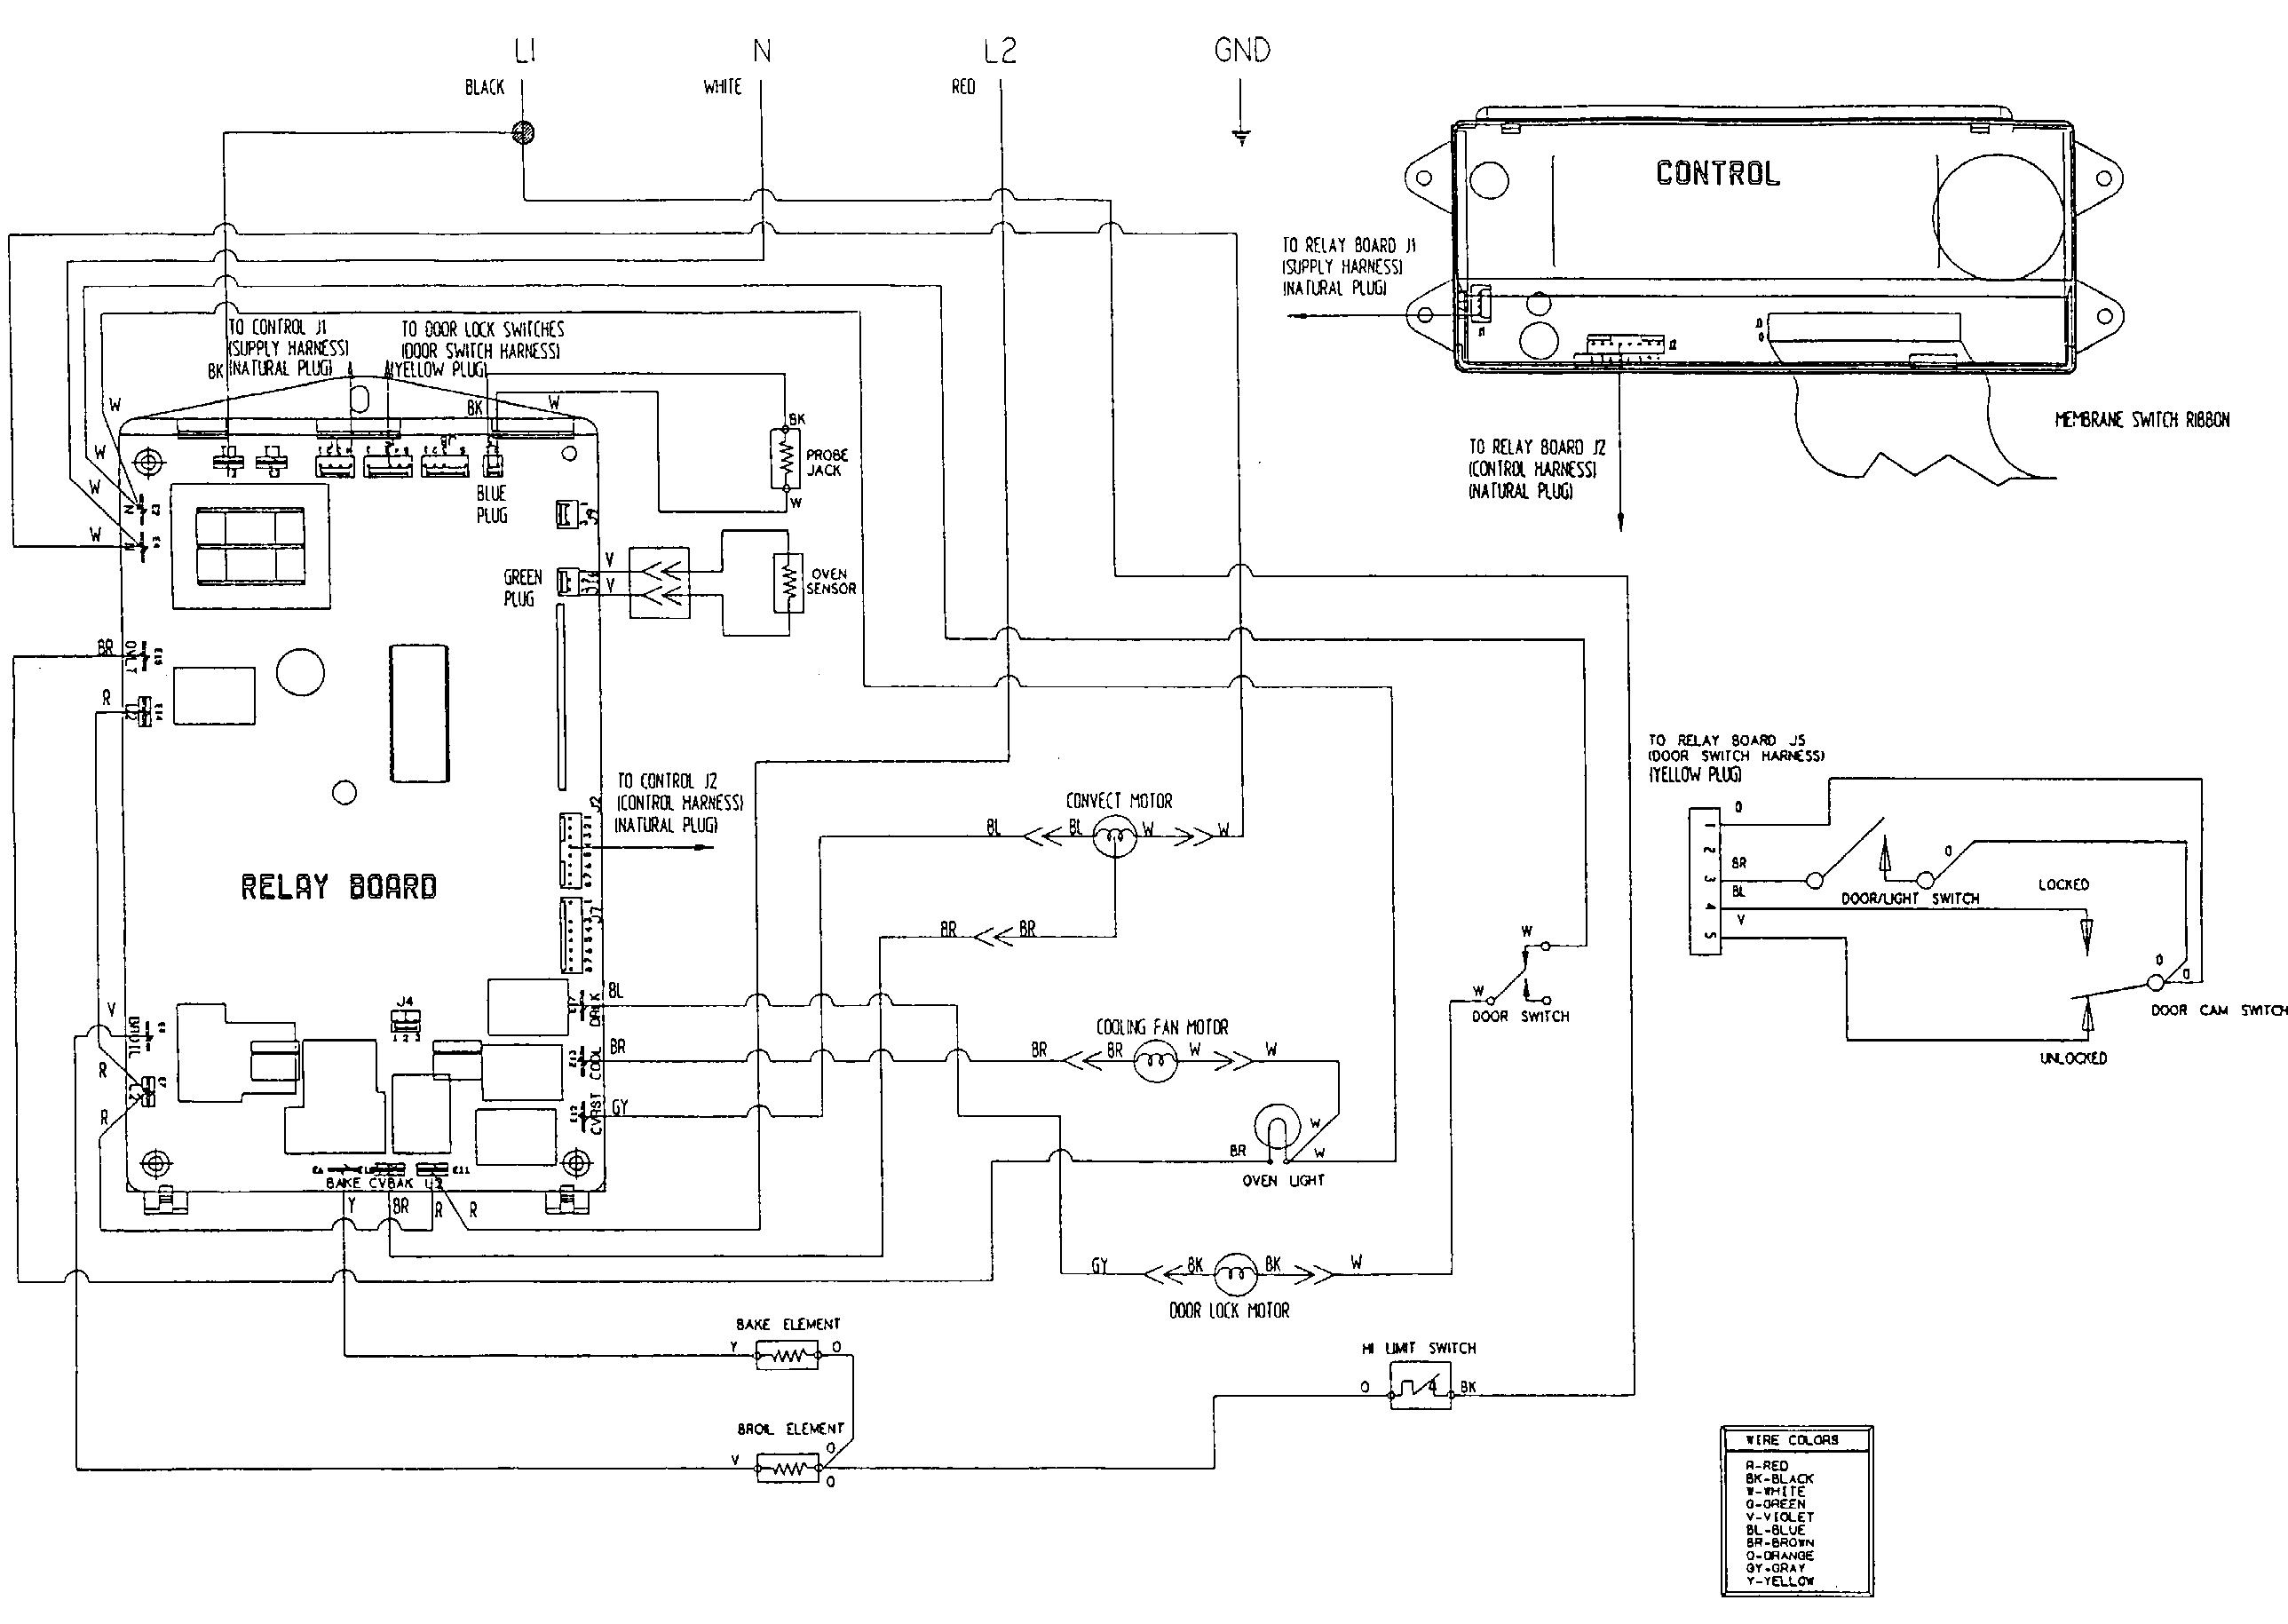 WR_7840] Ge Electric Oven Wiring Diagram General Electric Microwave Ovens  Ge Wiring Diagram | Ge Oven Wiring Diagram Jsp28gop3bg |  | Gue45 Shopa Mohammedshrine Librar Wiring 101